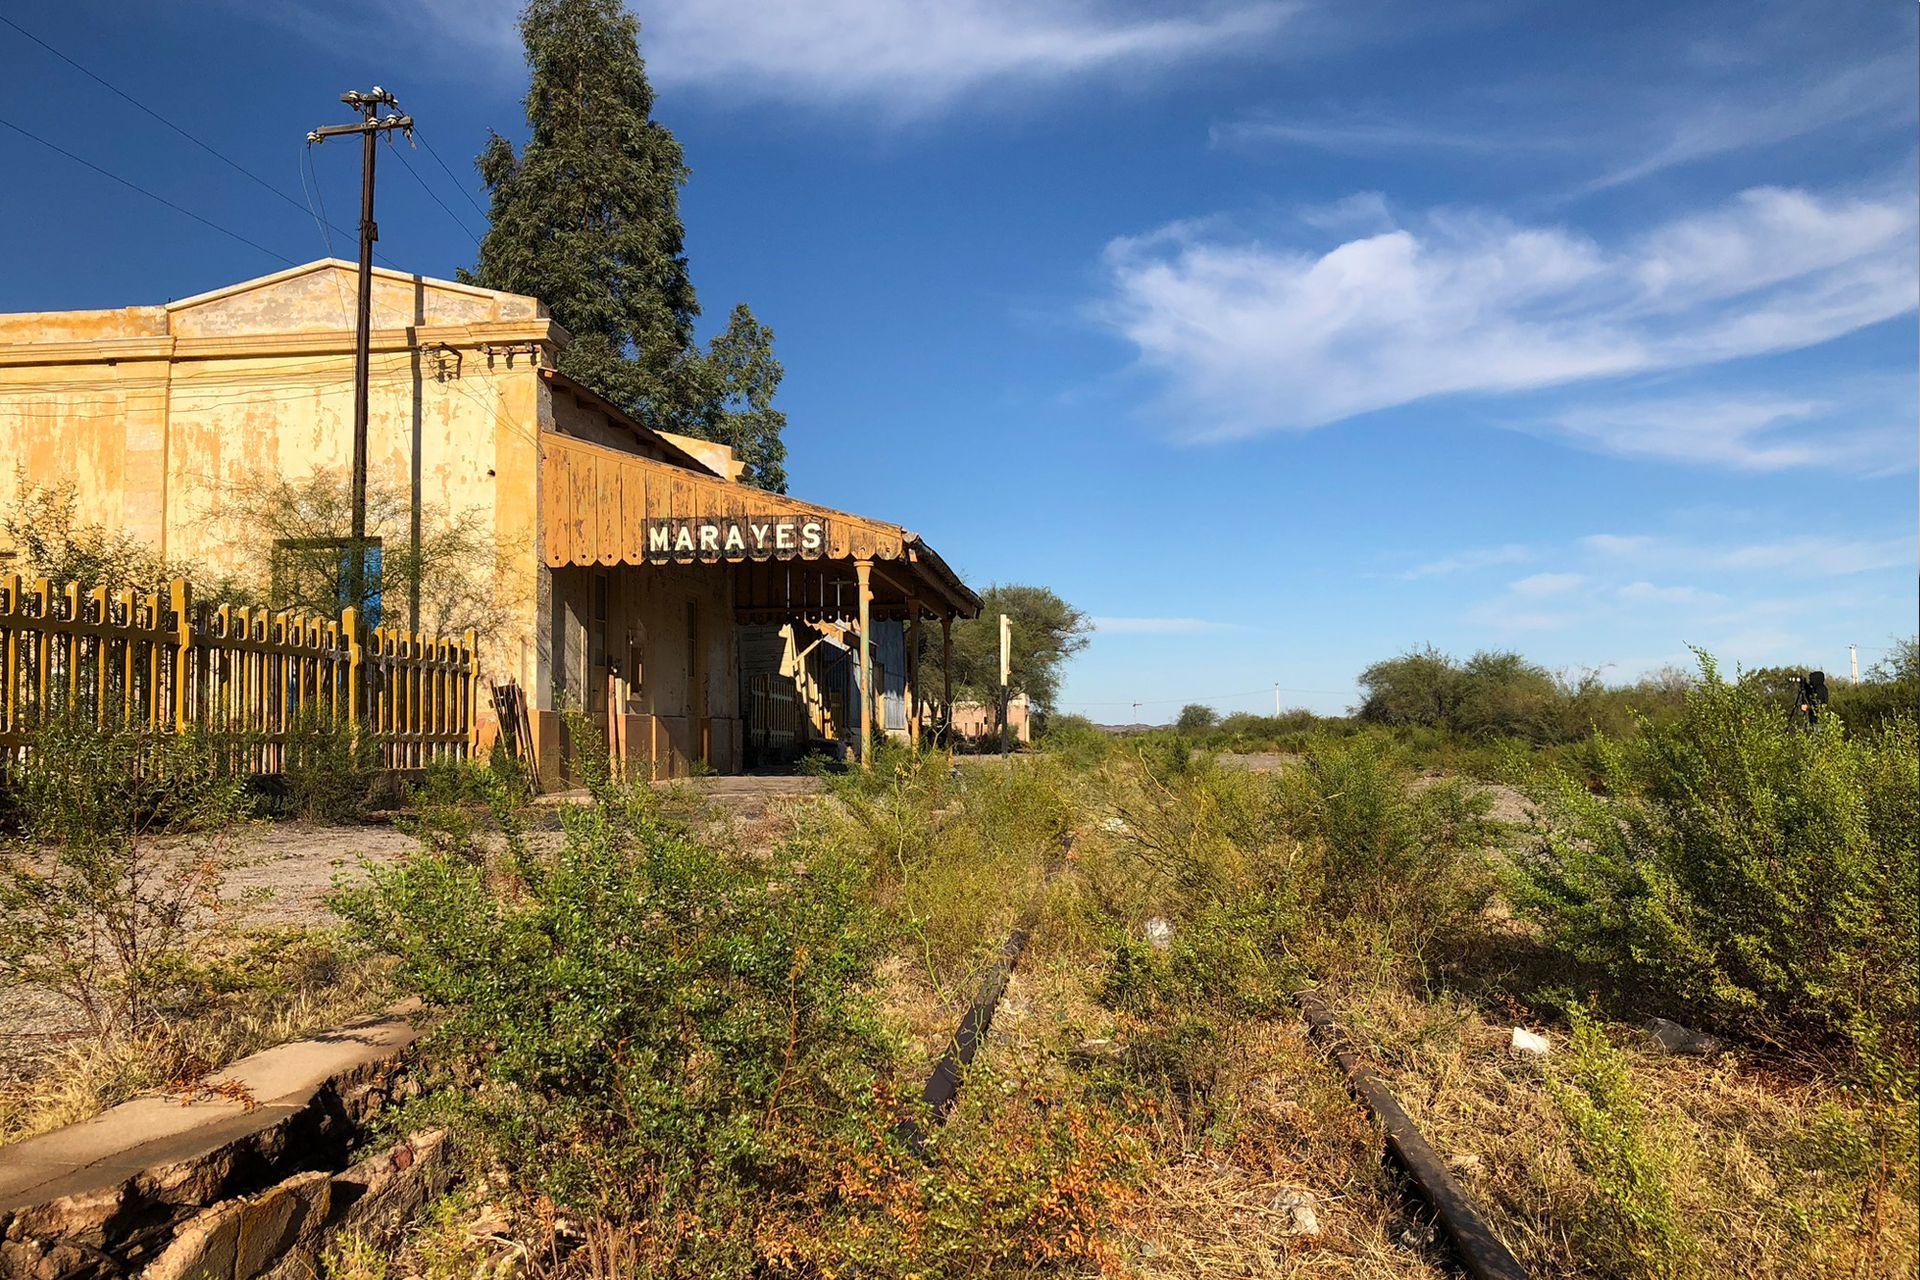 La estación abandonada de Marayes es un reflejo del estado de abandono de ese pueblo sanjuanino en el que casi no quedan chicos. El tren dejó de pasar en la década del 90, la mina de oro cerró y no existen oportunidades de futuro para los jóvenes.